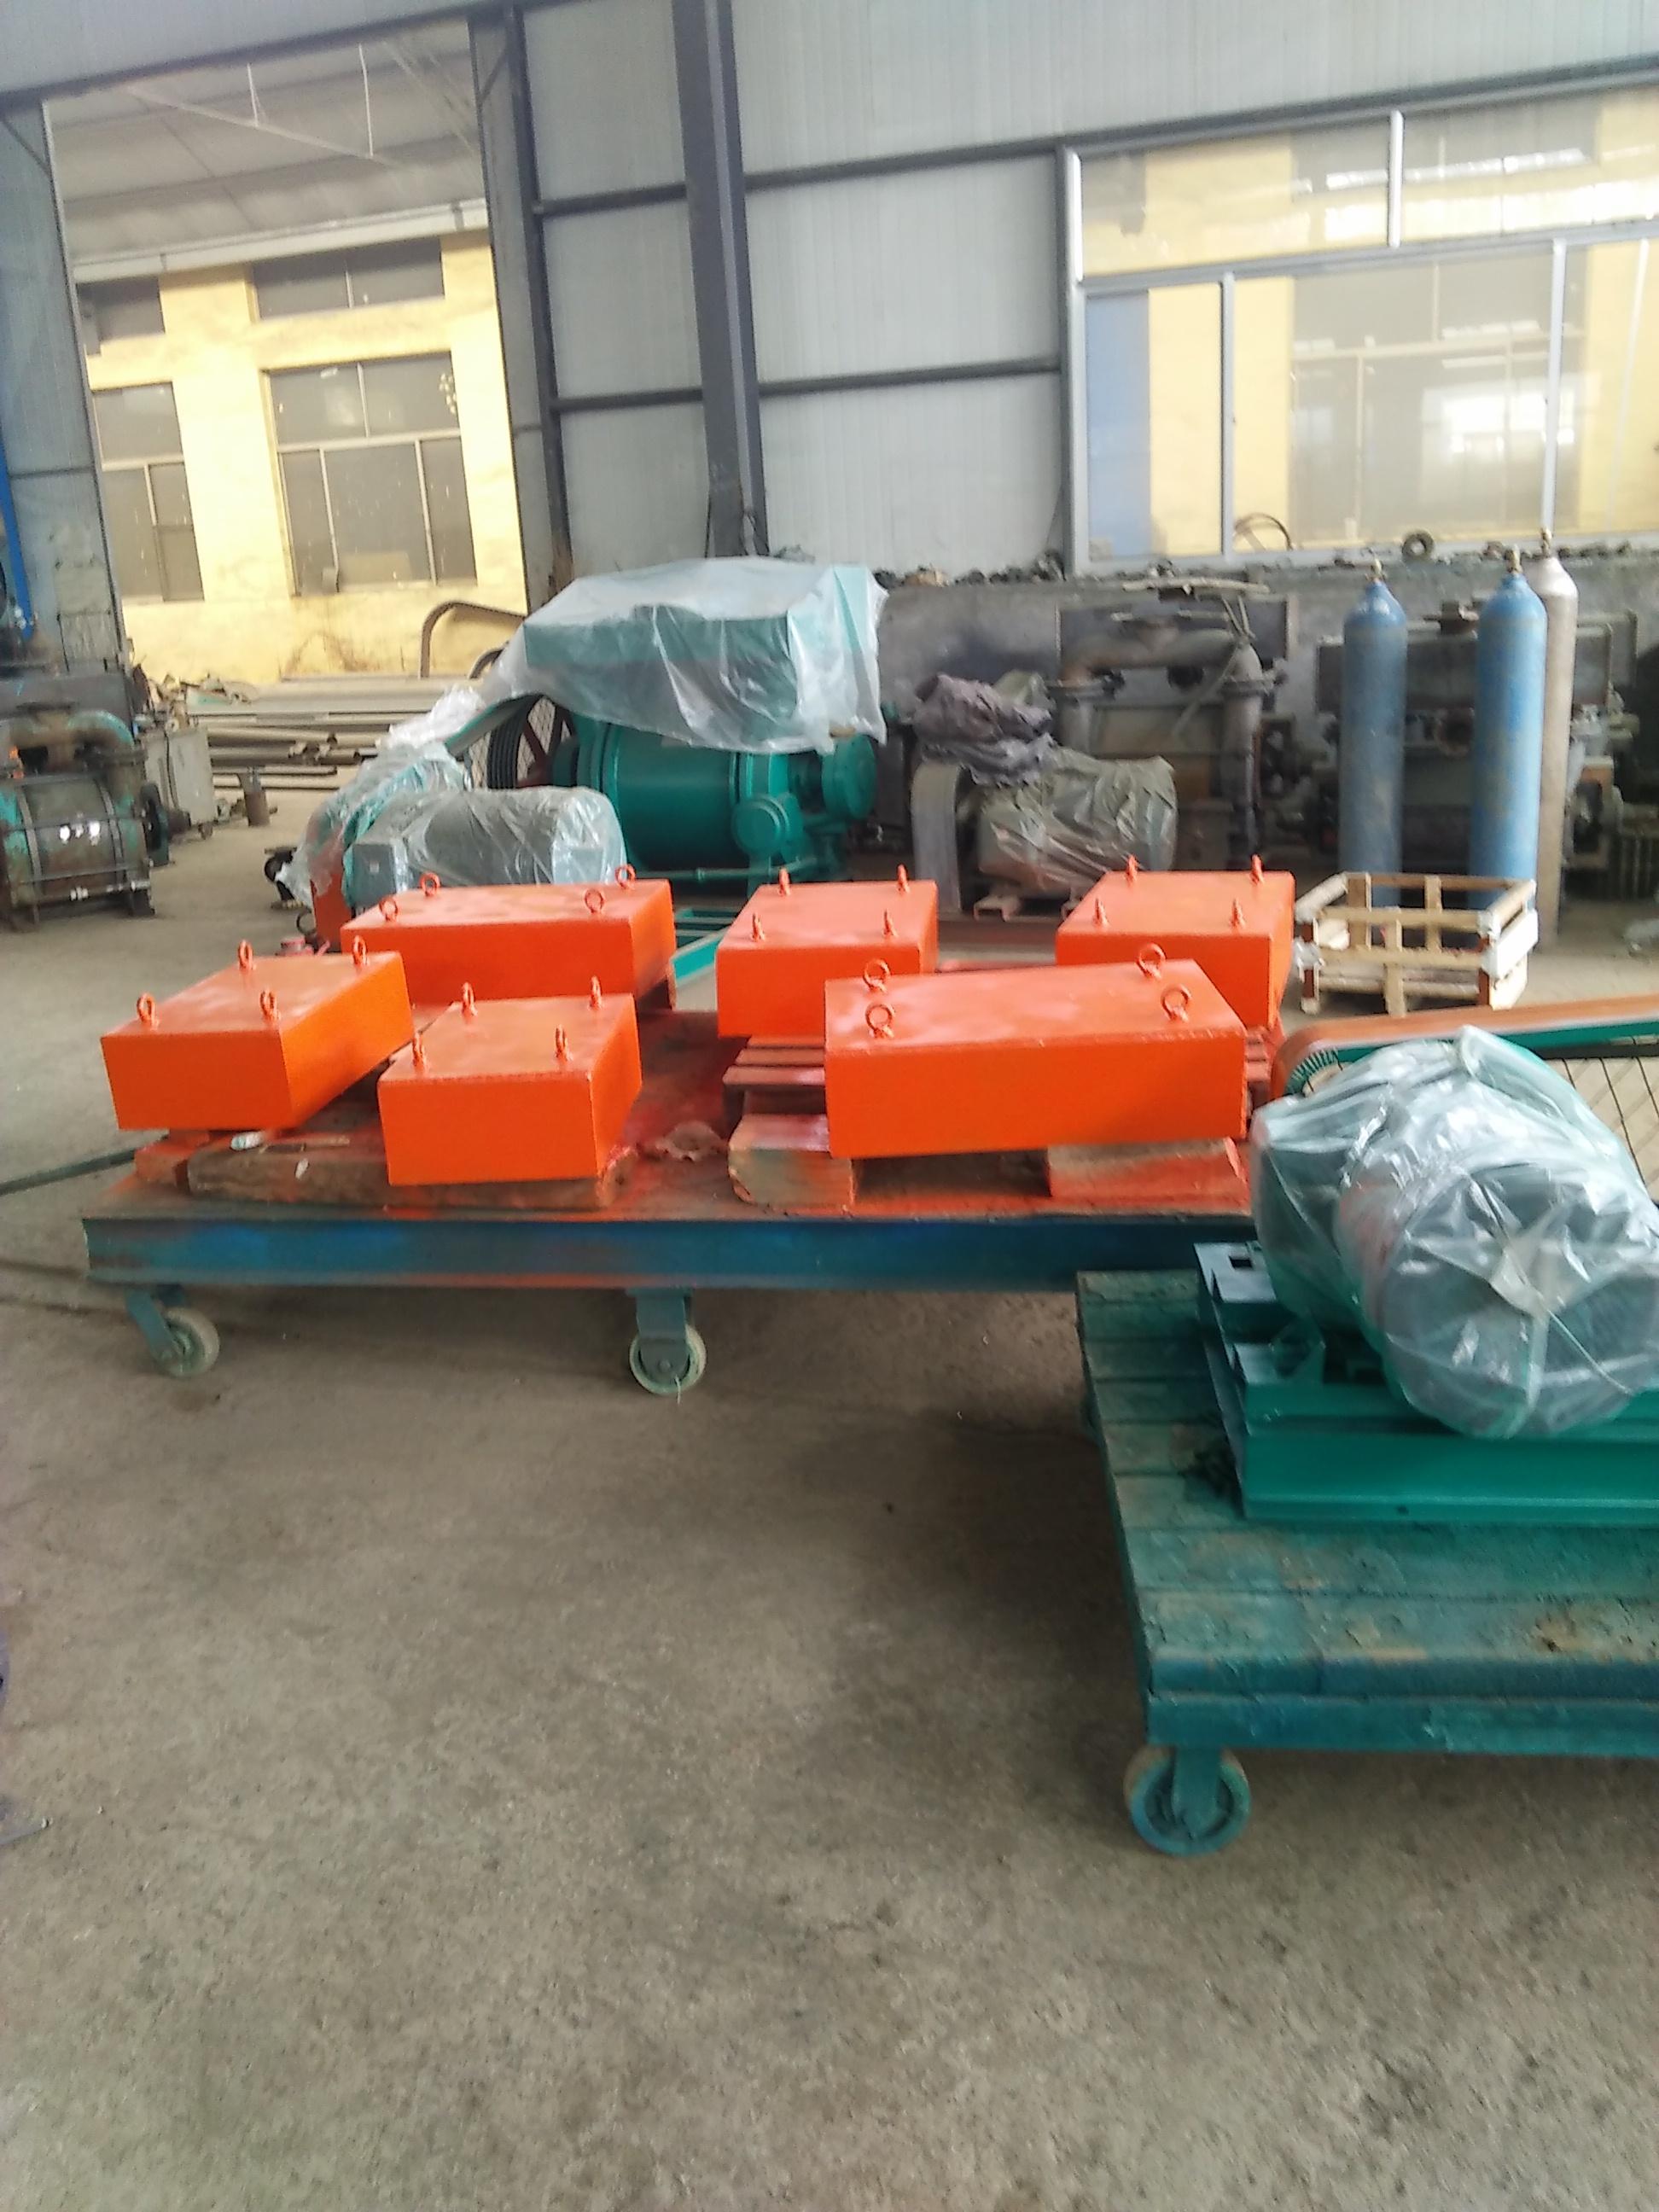 供应木器厂用强磁除铁器,强力磁铁,用于吸除木料中的铁性物质用强磁除铁器,实木板材厂强磁除铁器